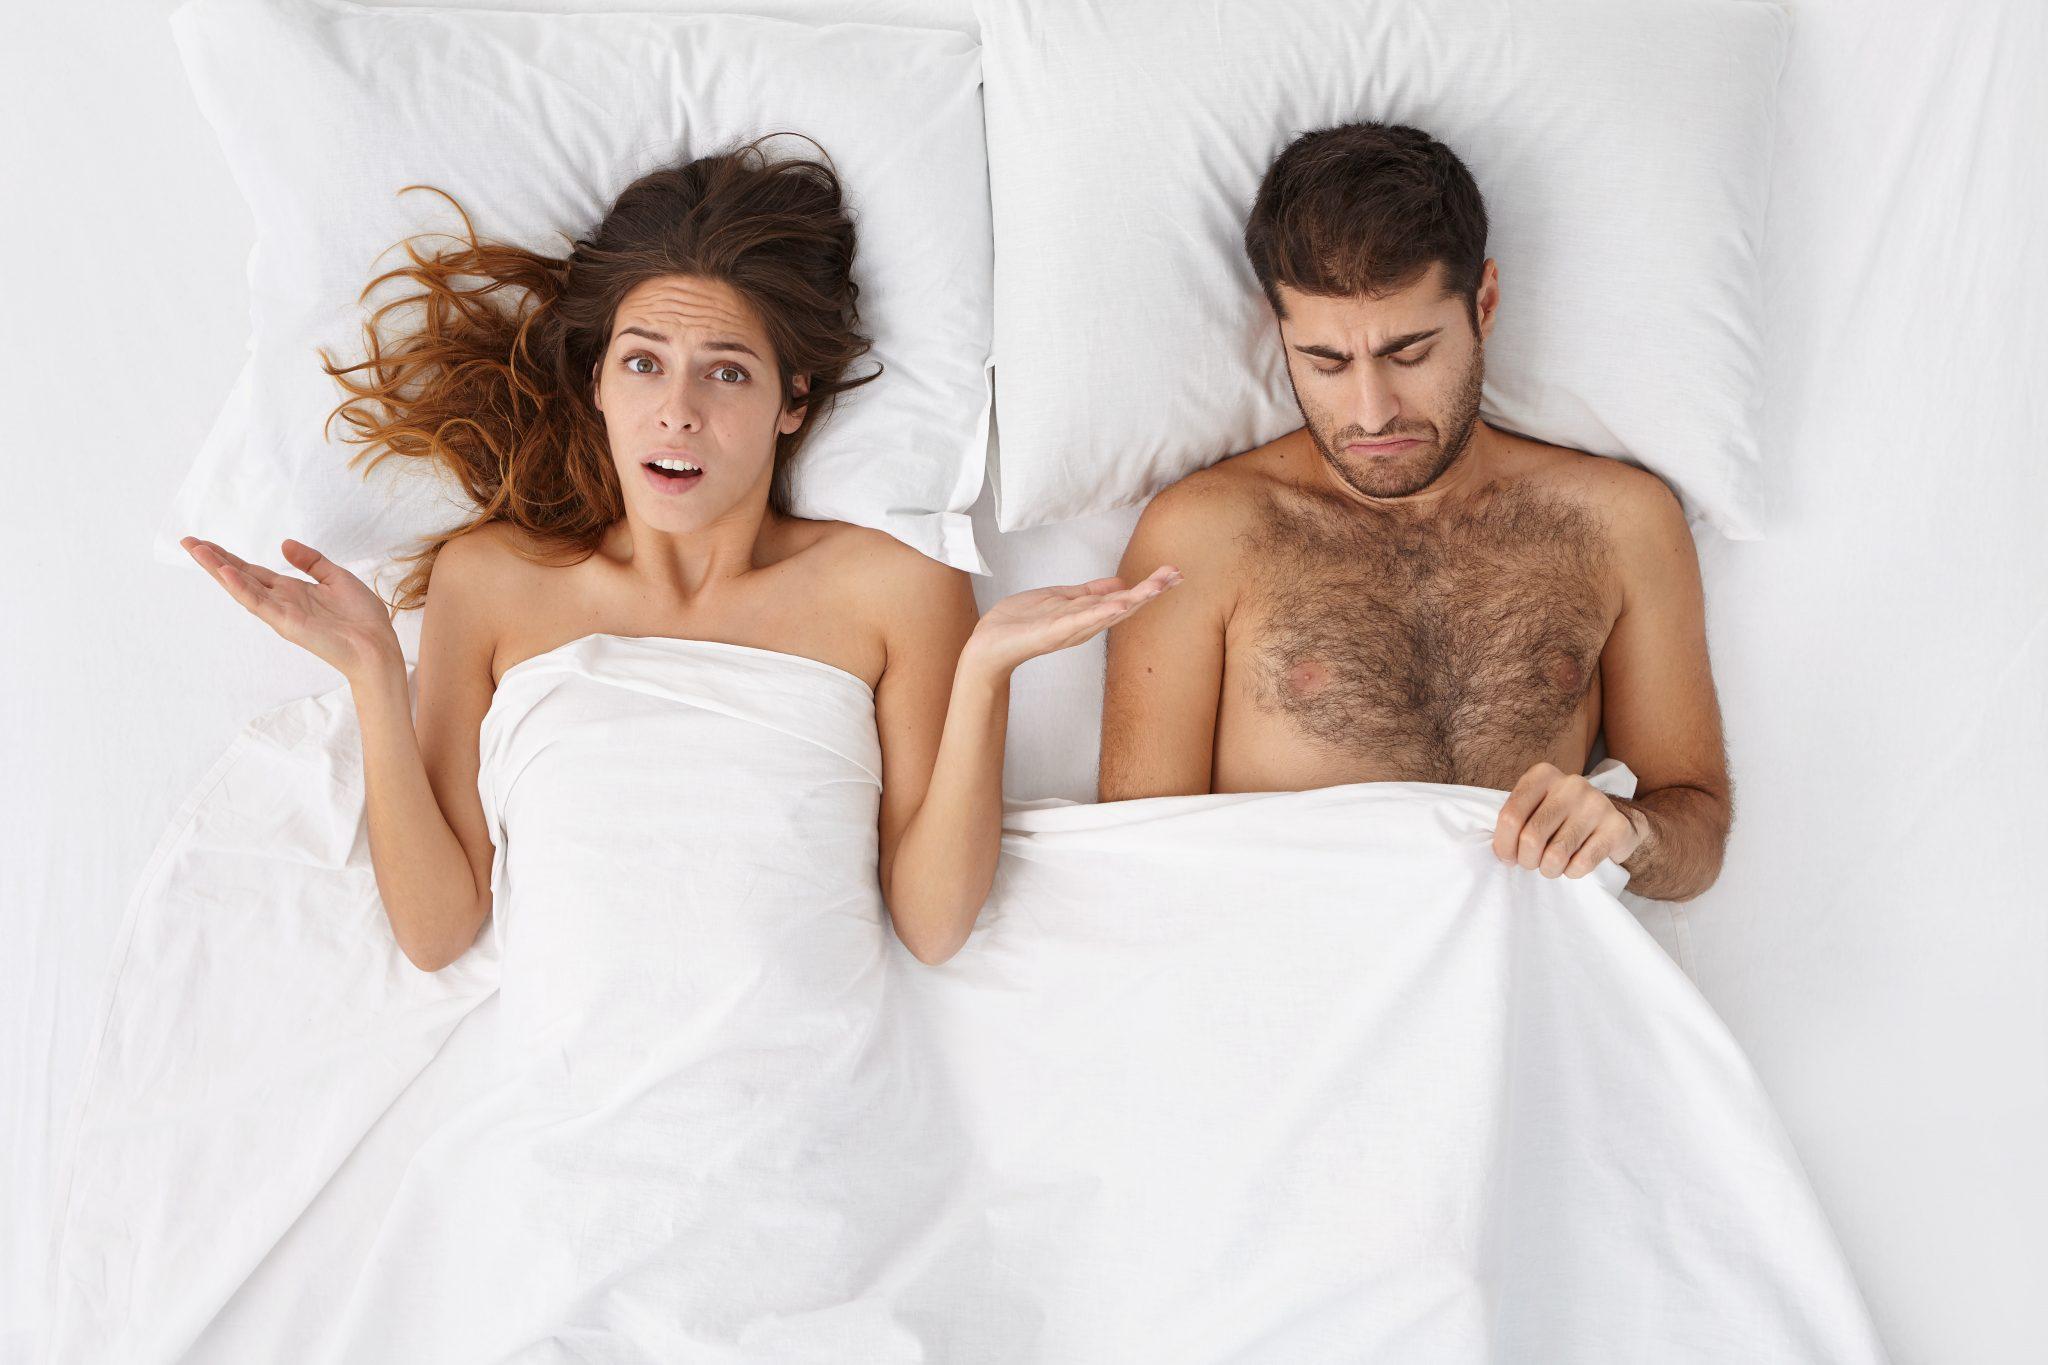 problemy zdrowotne z erekcją jak zarobić penisa o warstwach